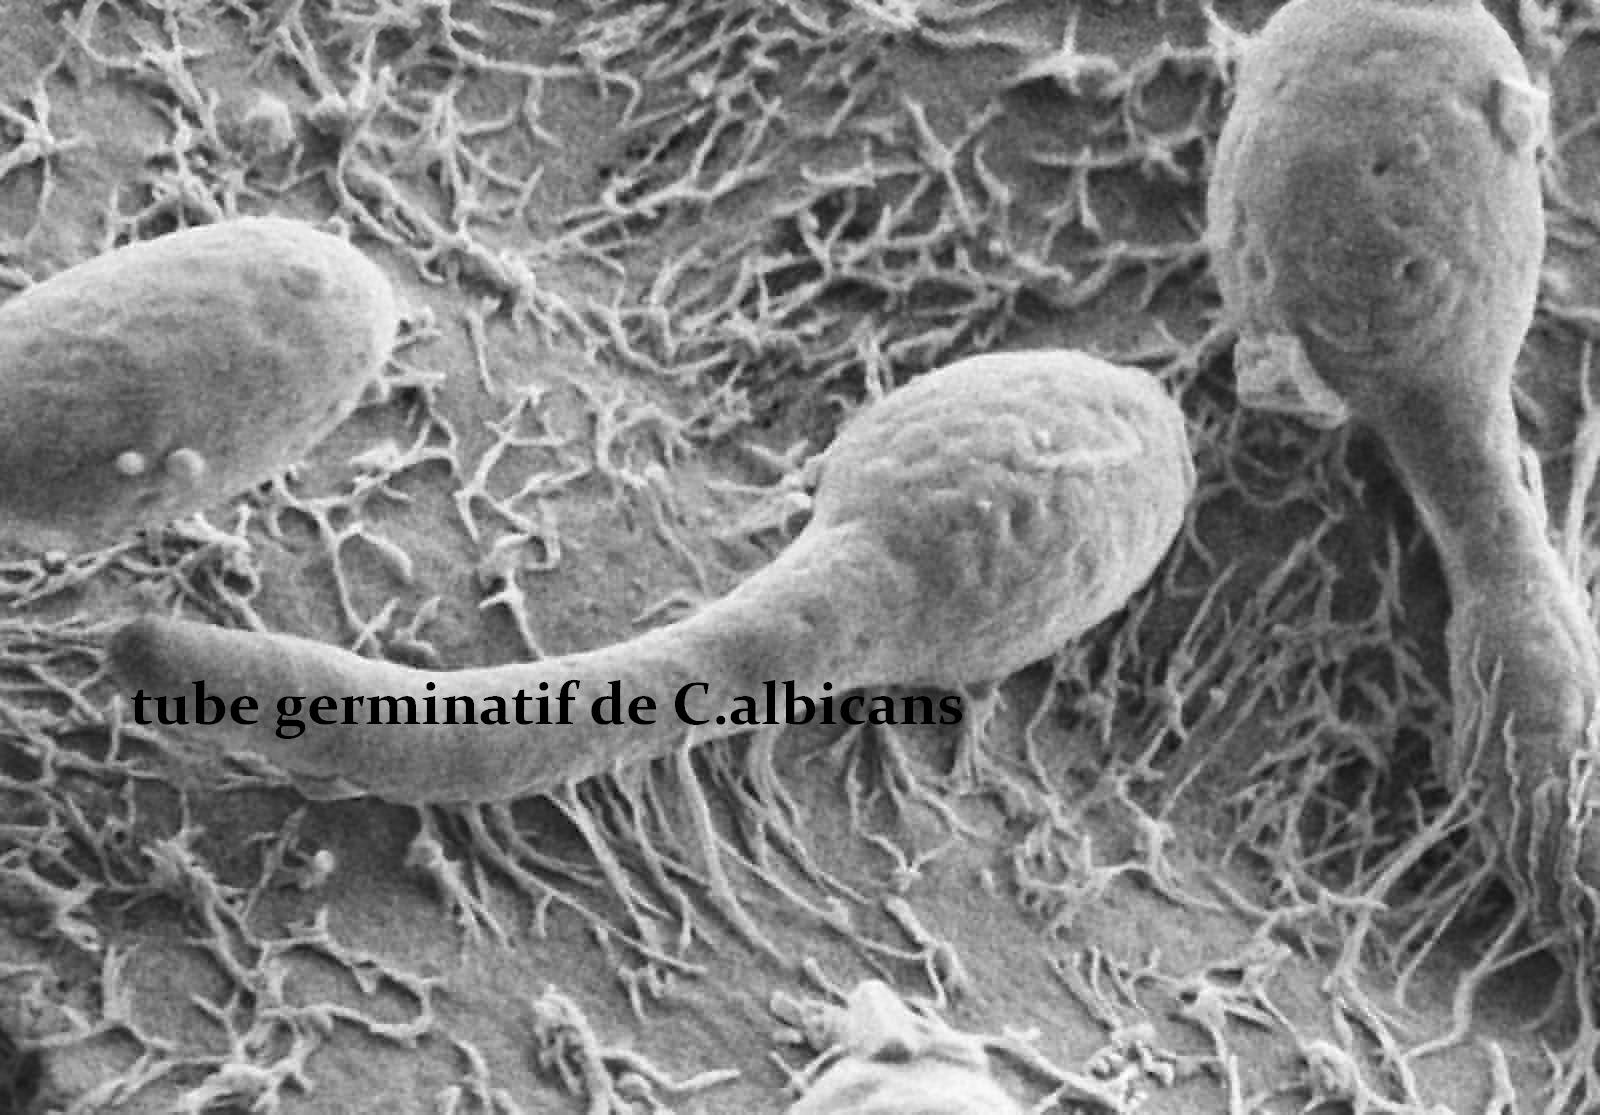 Tube germinatif de c.a